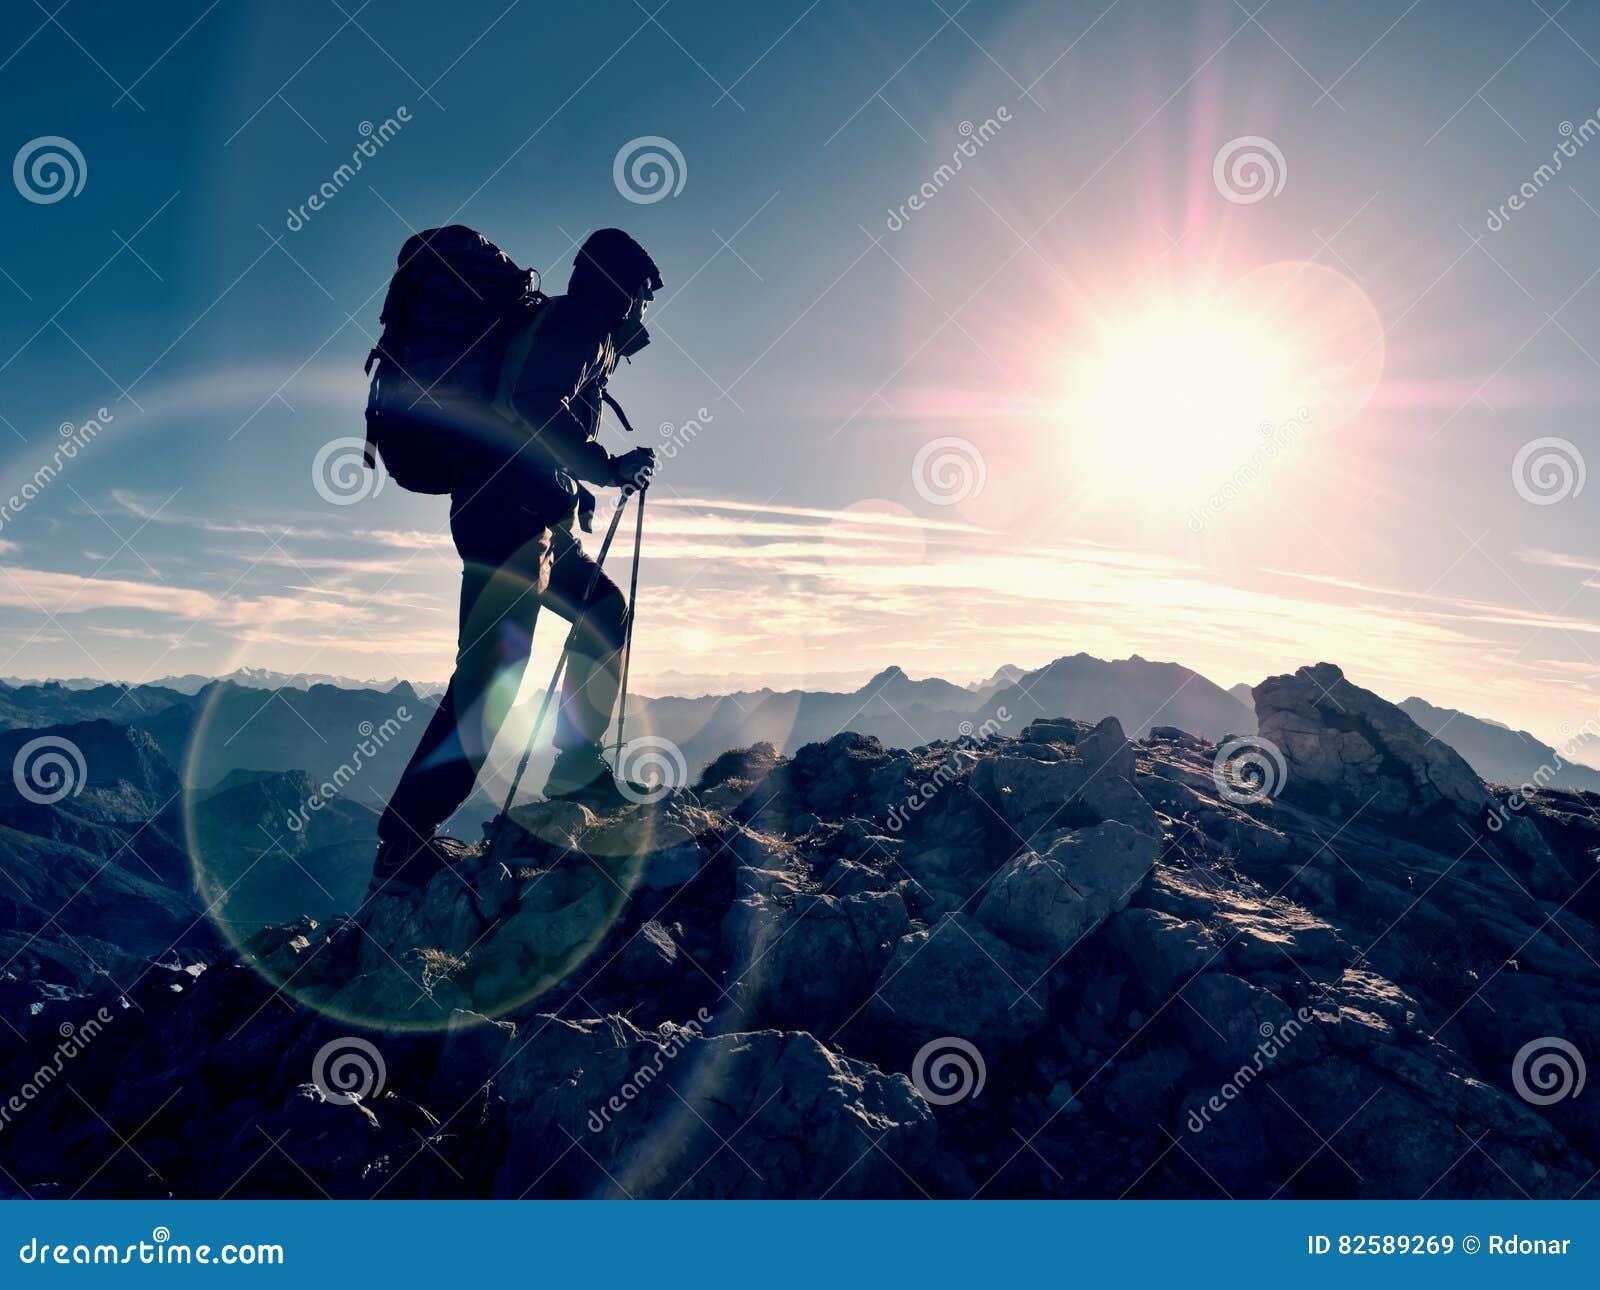 Defeito do alargamento da lente Guia do turista no trajeto trekking com polos e trouxa Caminhante experiente